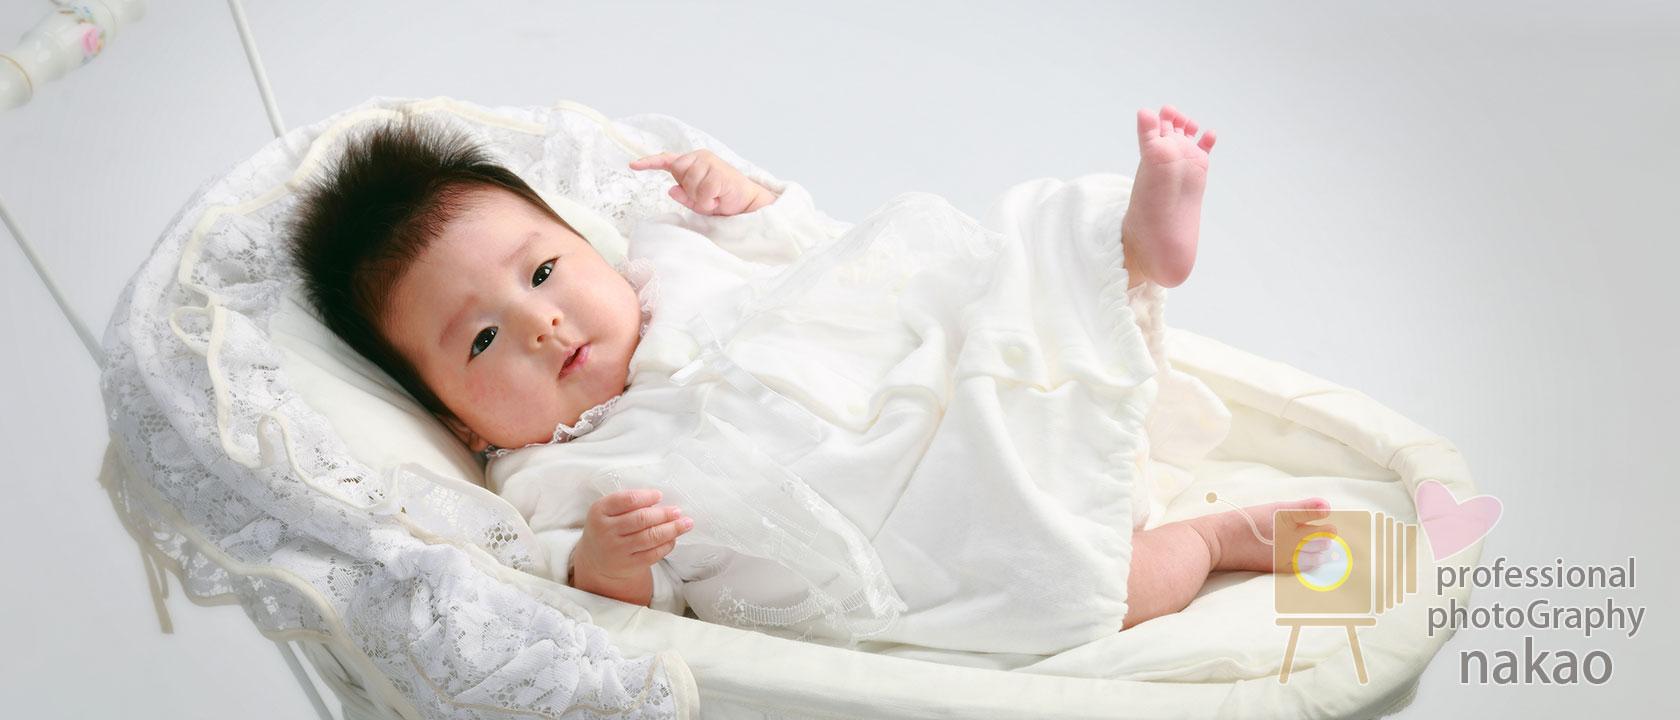 お宮参り・百日祝い(お食い初め) ドレスに身を包んだ赤ちゃん、足を上げたり手を伸ばしたり..君の瞳には何が見えているのかな?